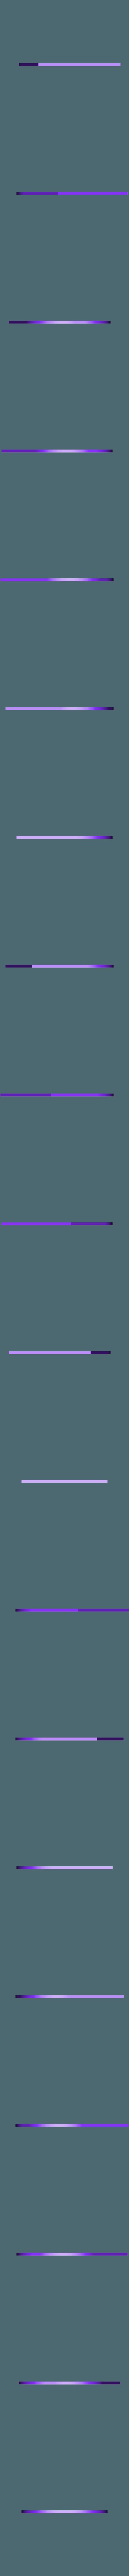 samourai.stl Télécharger fichier STL gratuit samouraï • Plan imprimable en 3D, yb__magiic